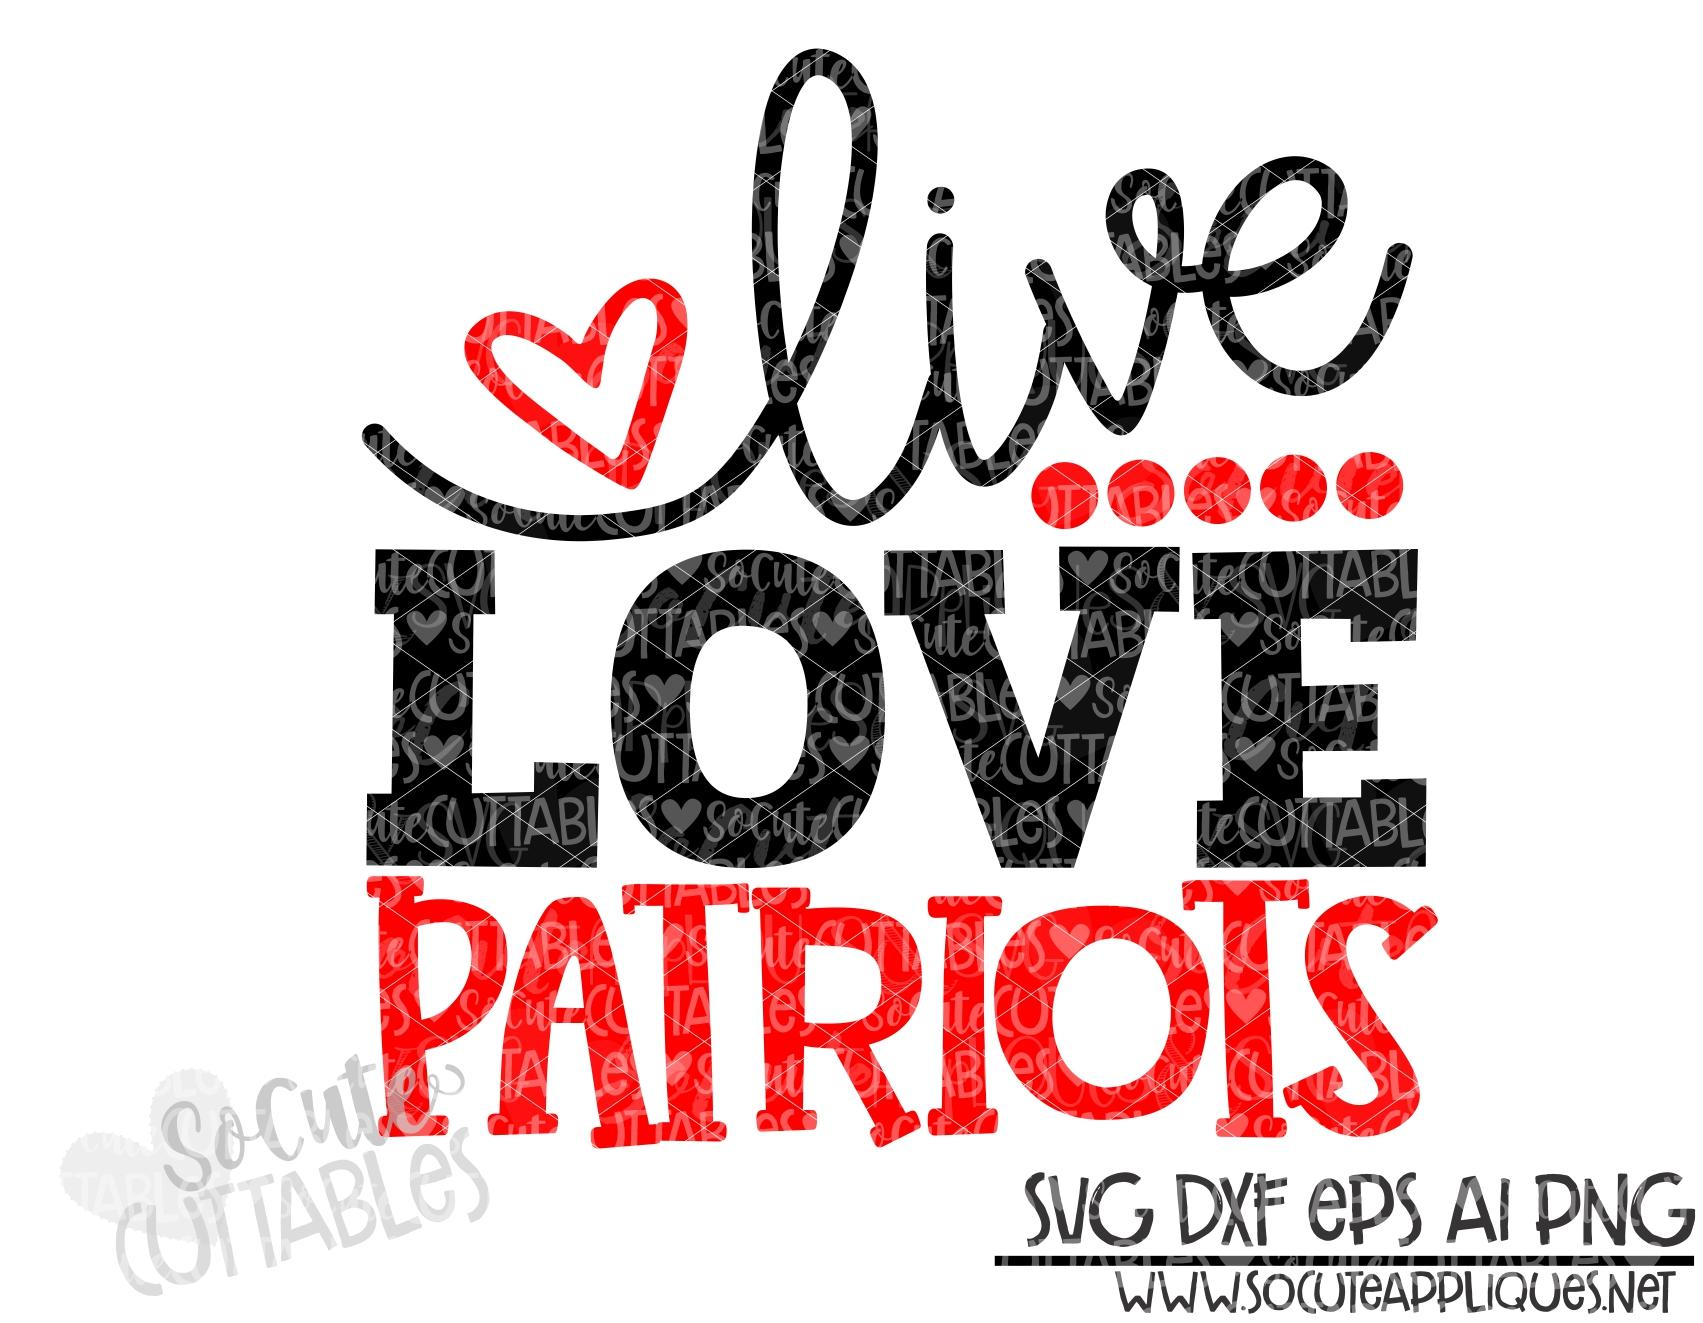 Download Live love Patriots svg scc 19 - socuteappliques.net